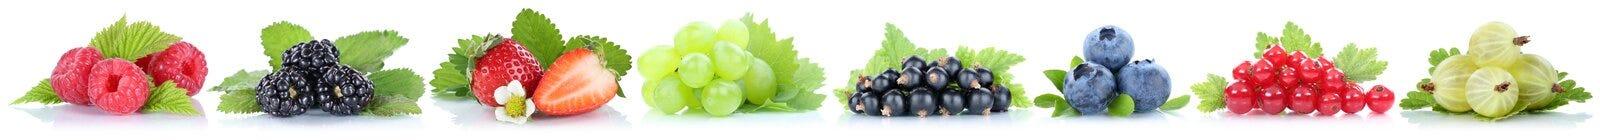 Собрание голубик клубник виноградин плодоовощей ягод красных стоковая фотография rf